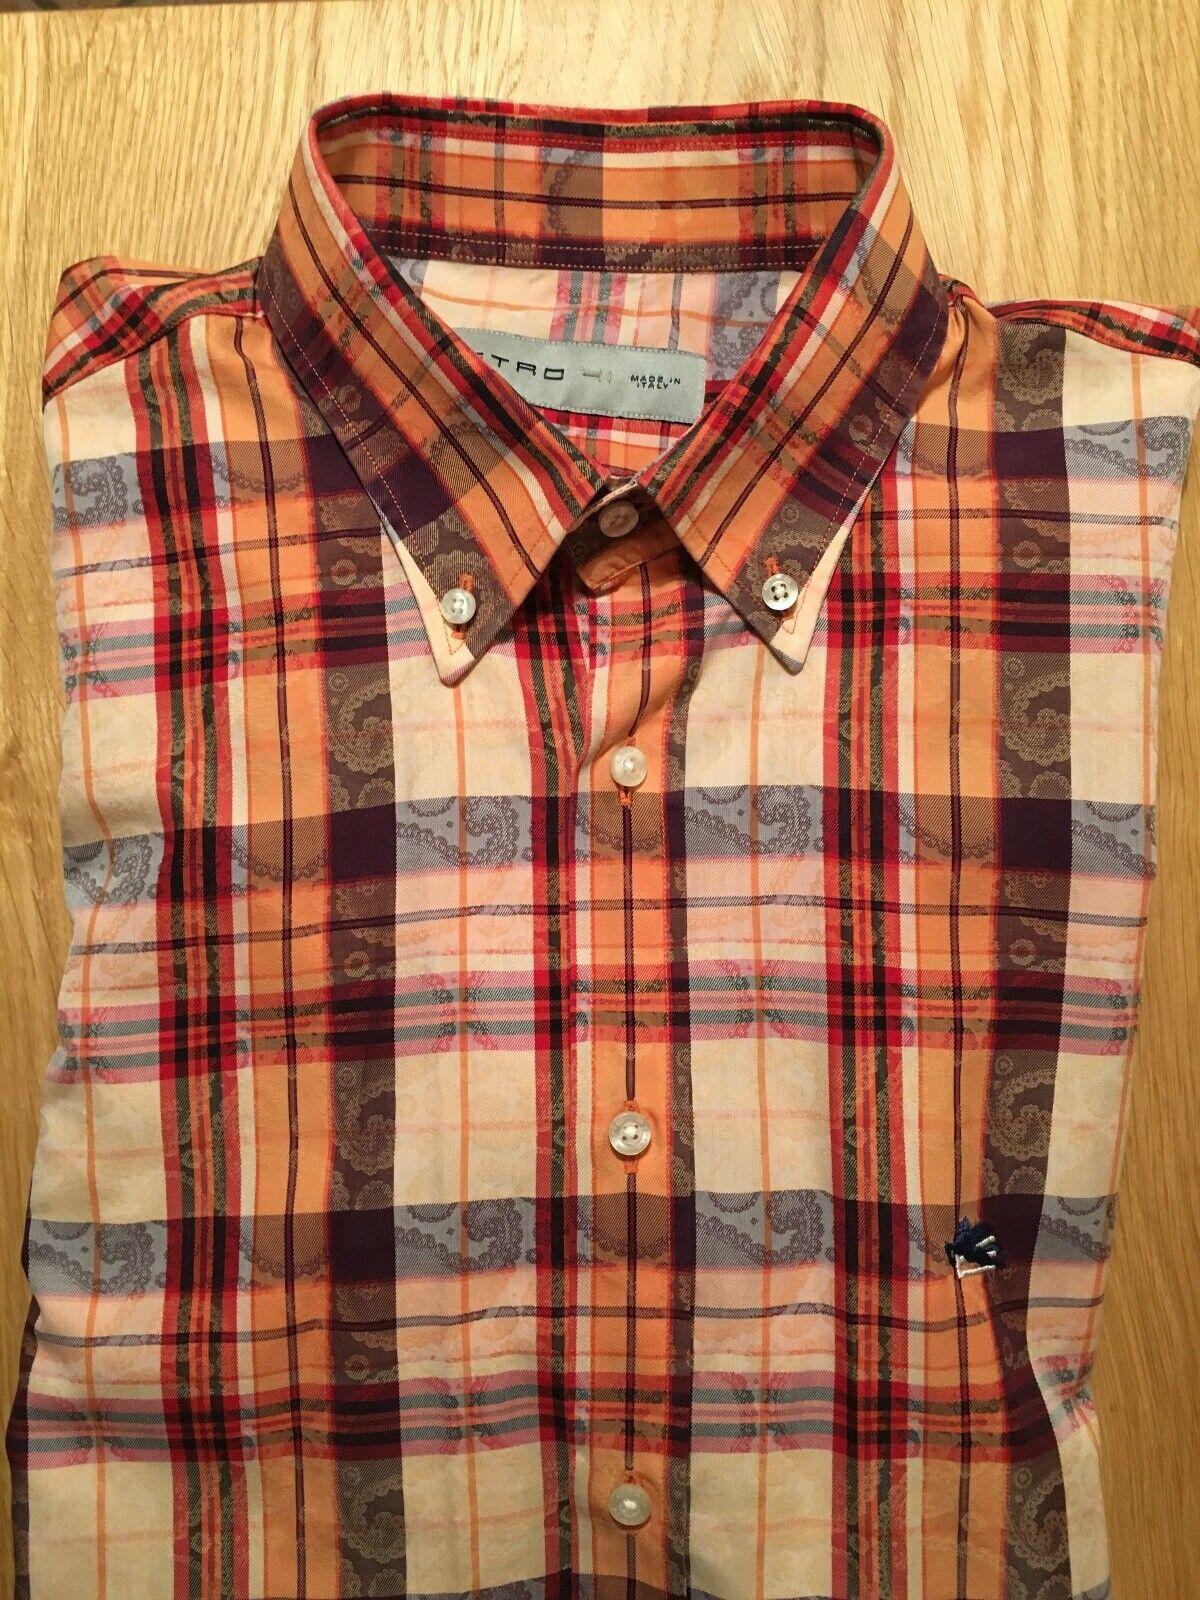 ETRO Herrenhemd, Gr. 41, langarm, getragen, wie neu